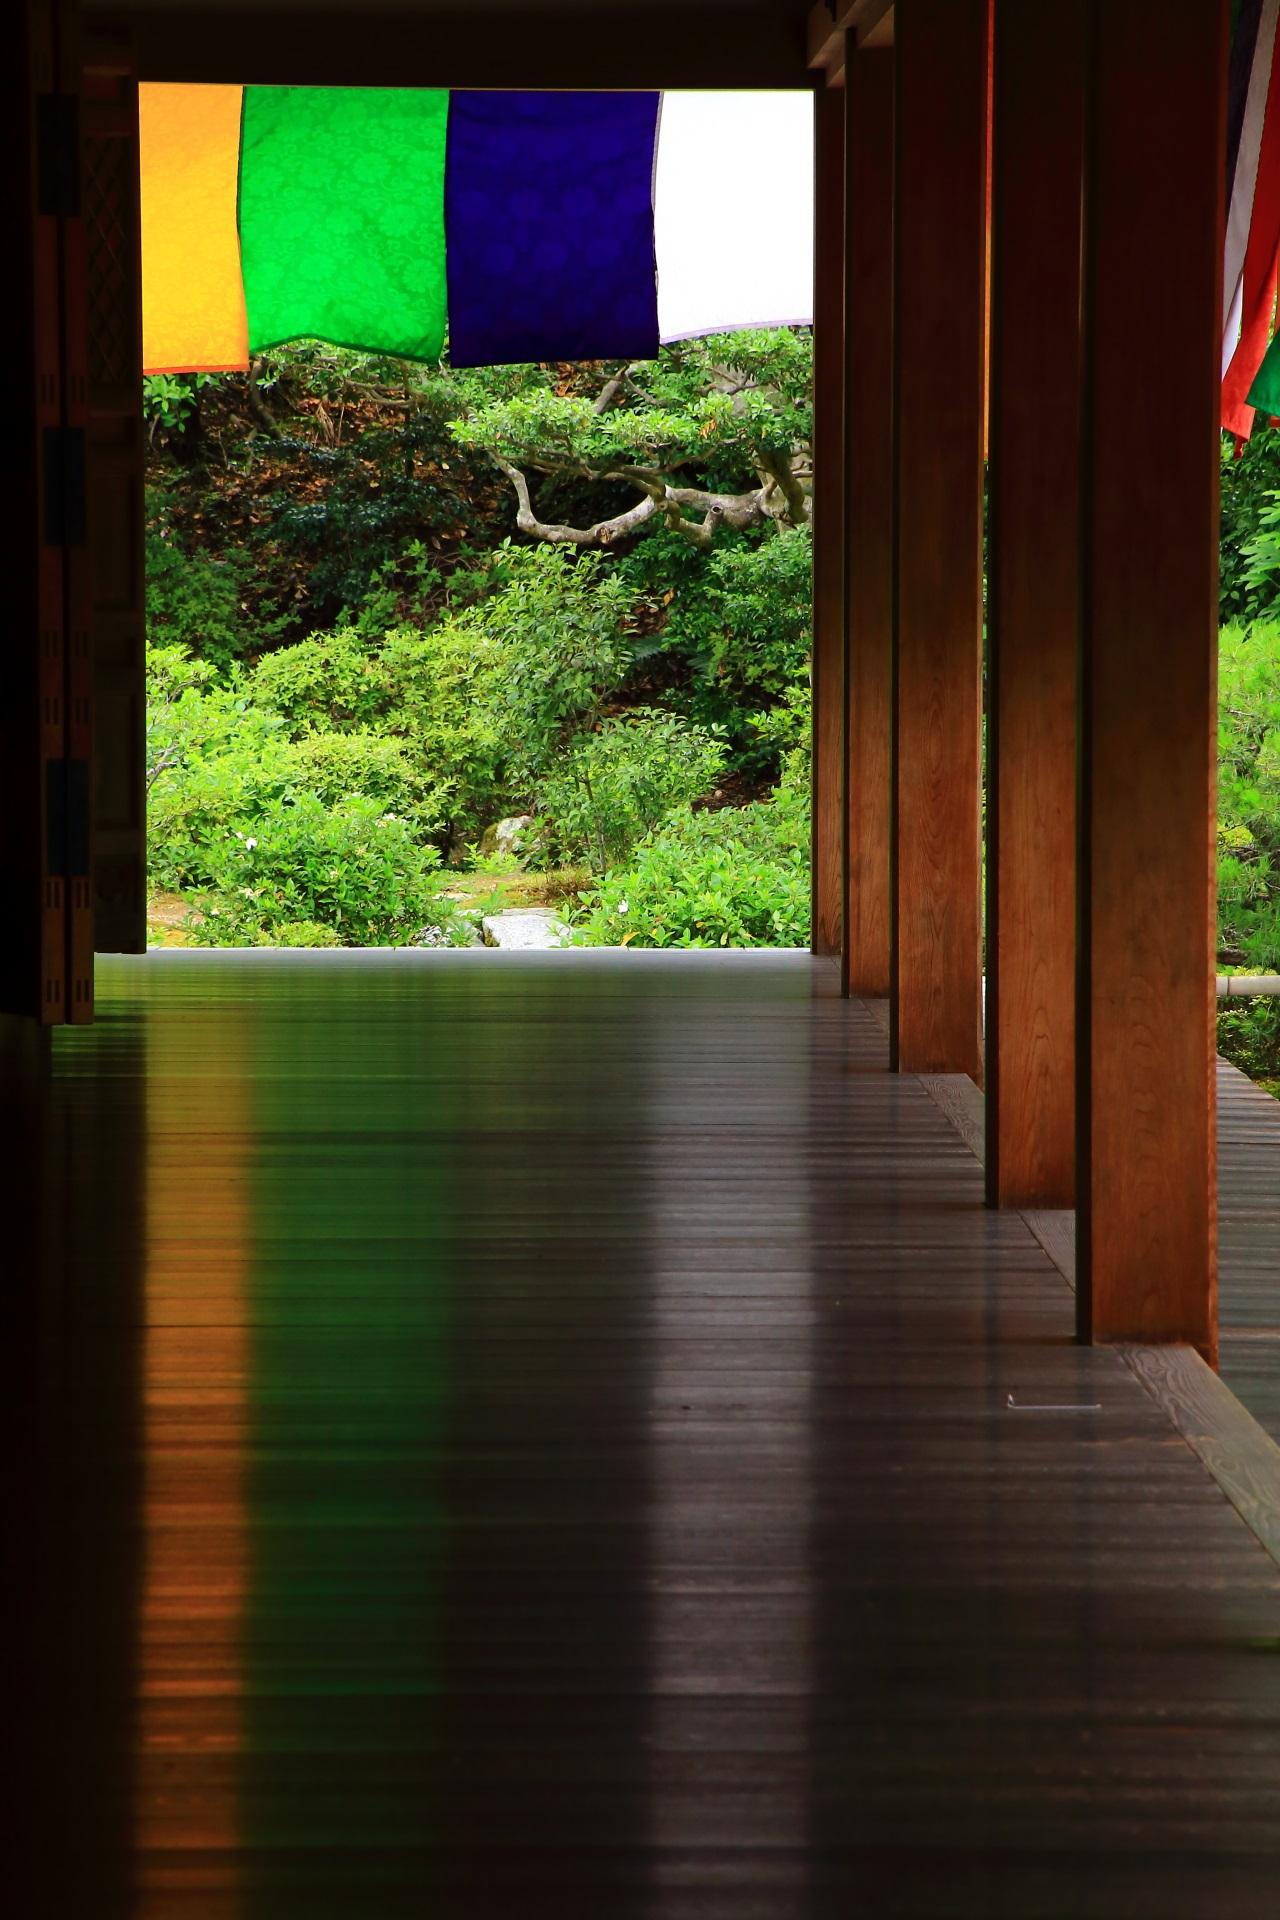 講堂から眺めた緑と美しい床